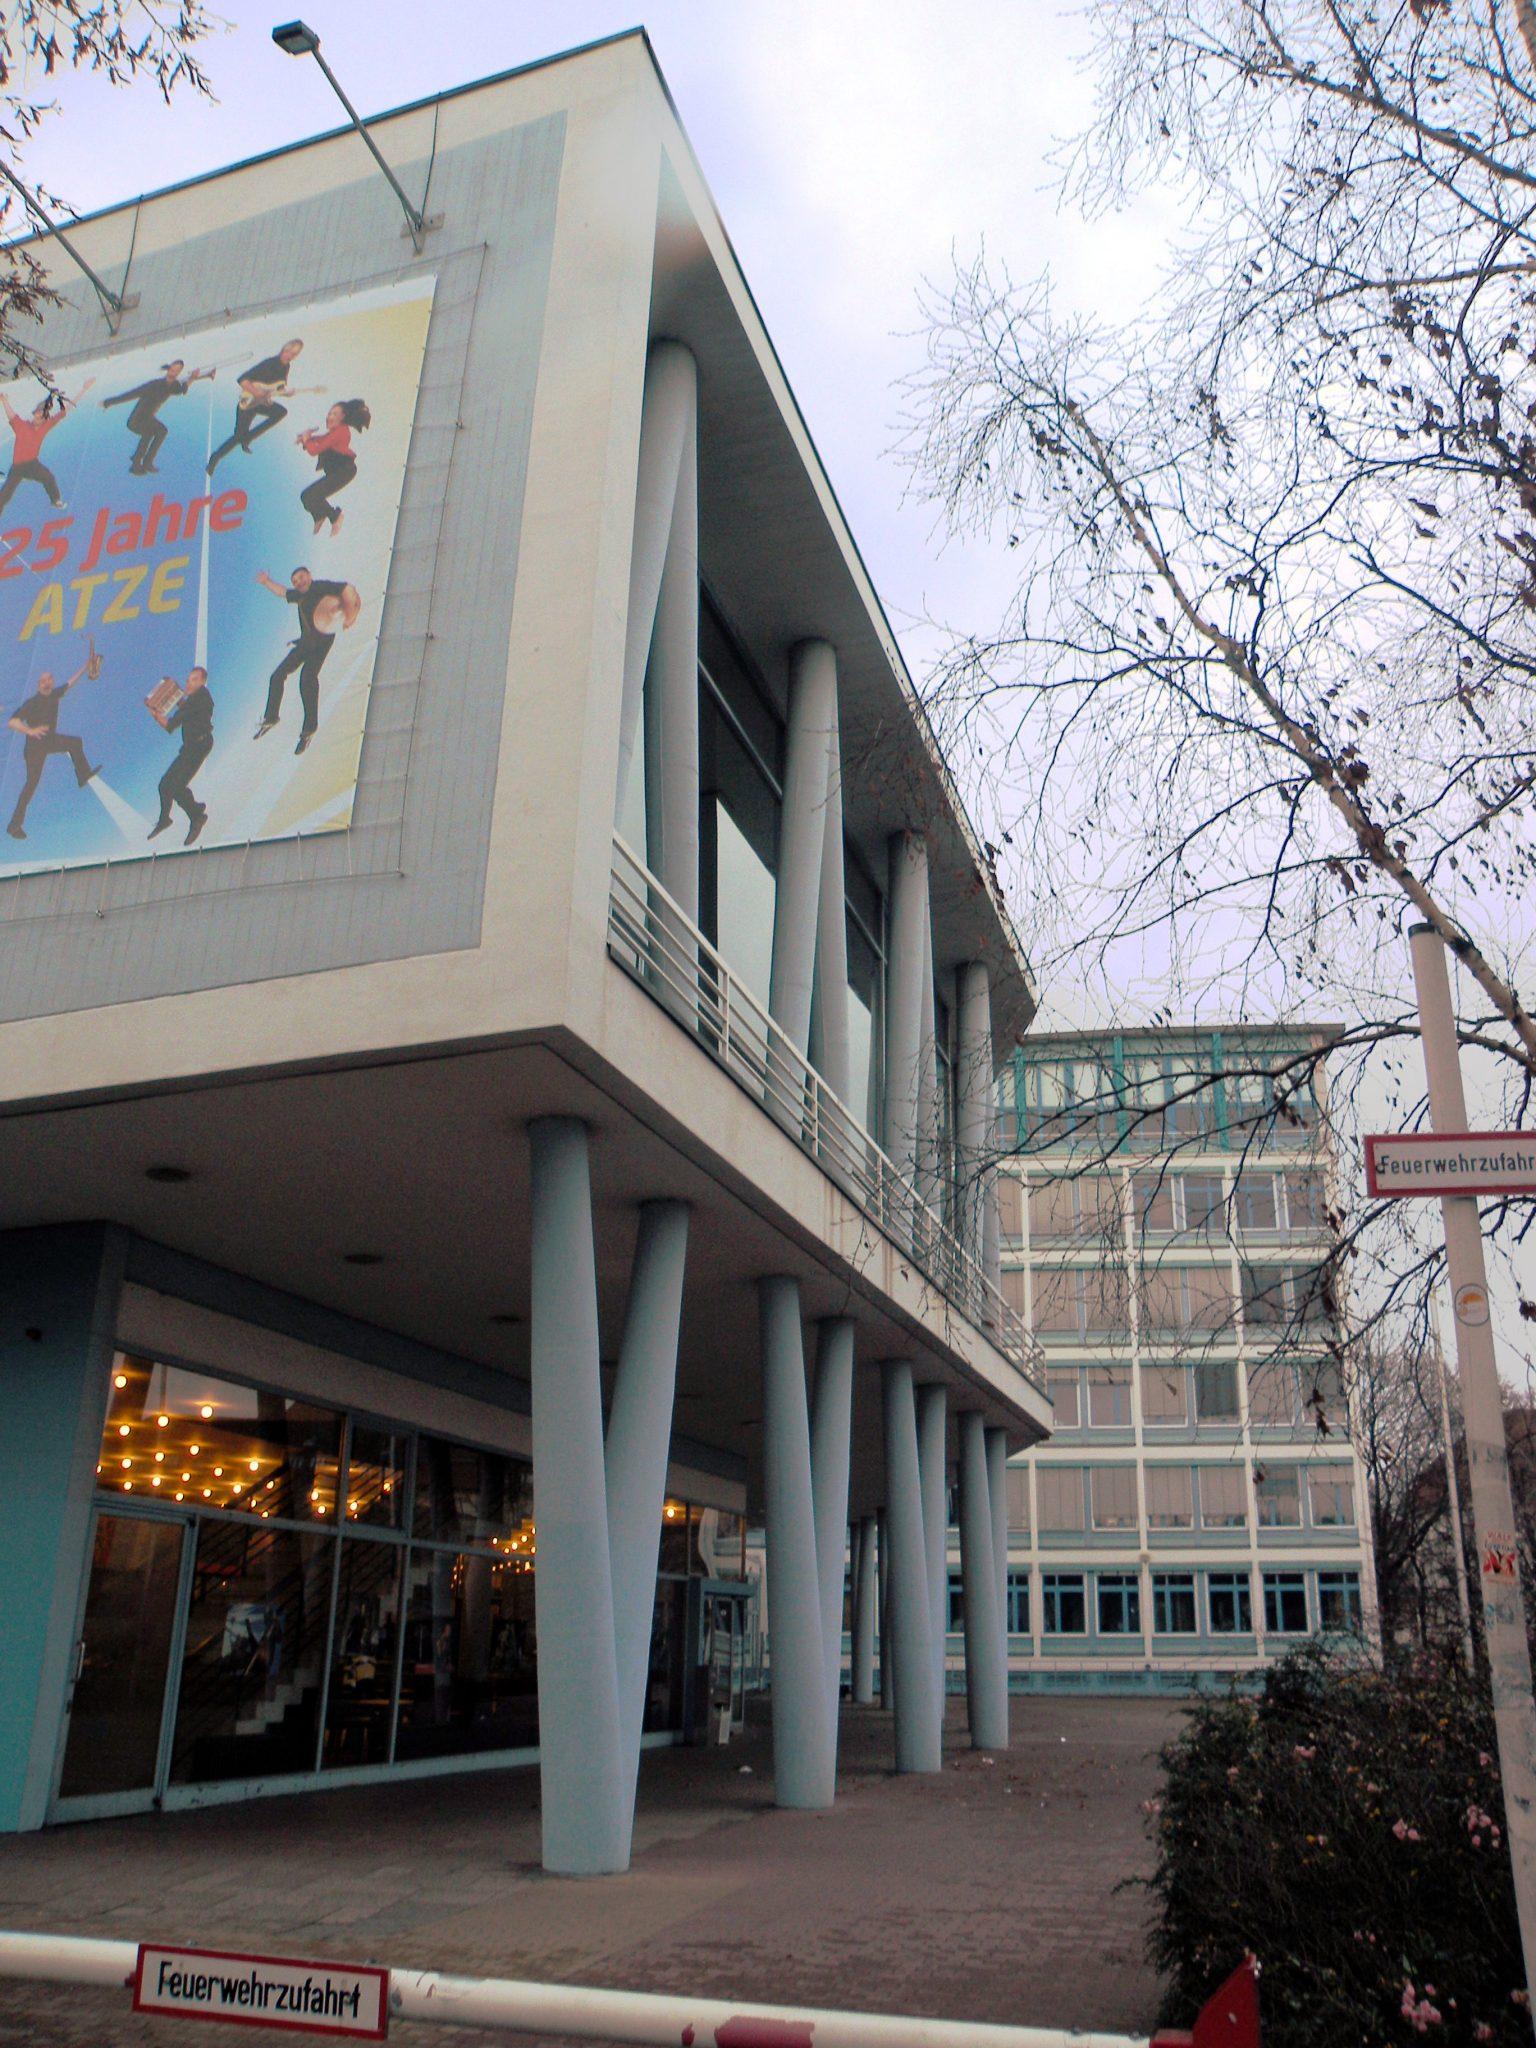 ATZE Musiktheater